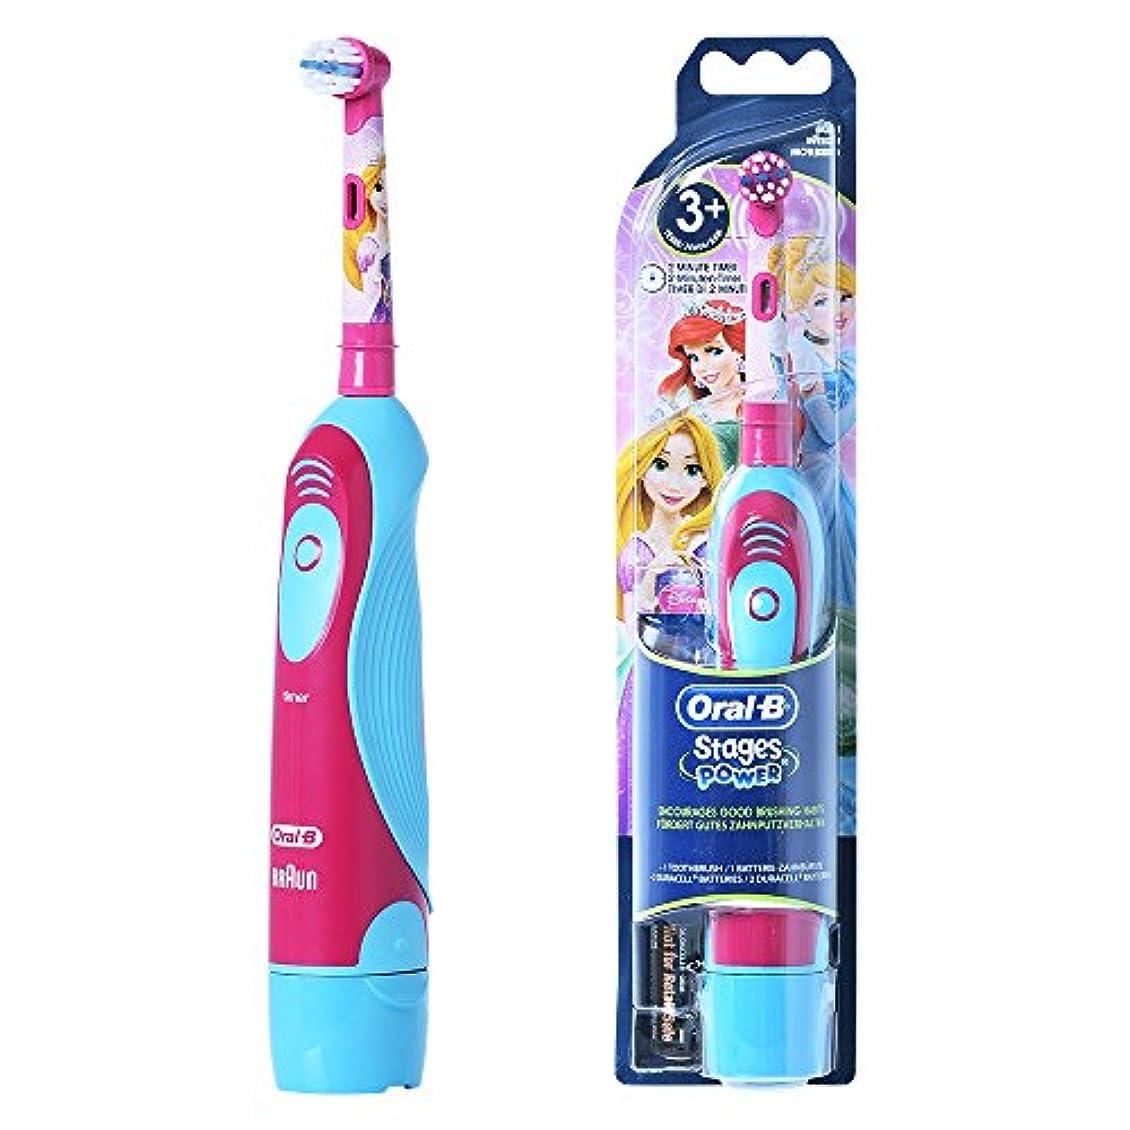 主張闇頭痛Braun Oral-B D2 D2010 Disney Princess Kids 電動歯ブラシ [並行輸入品]